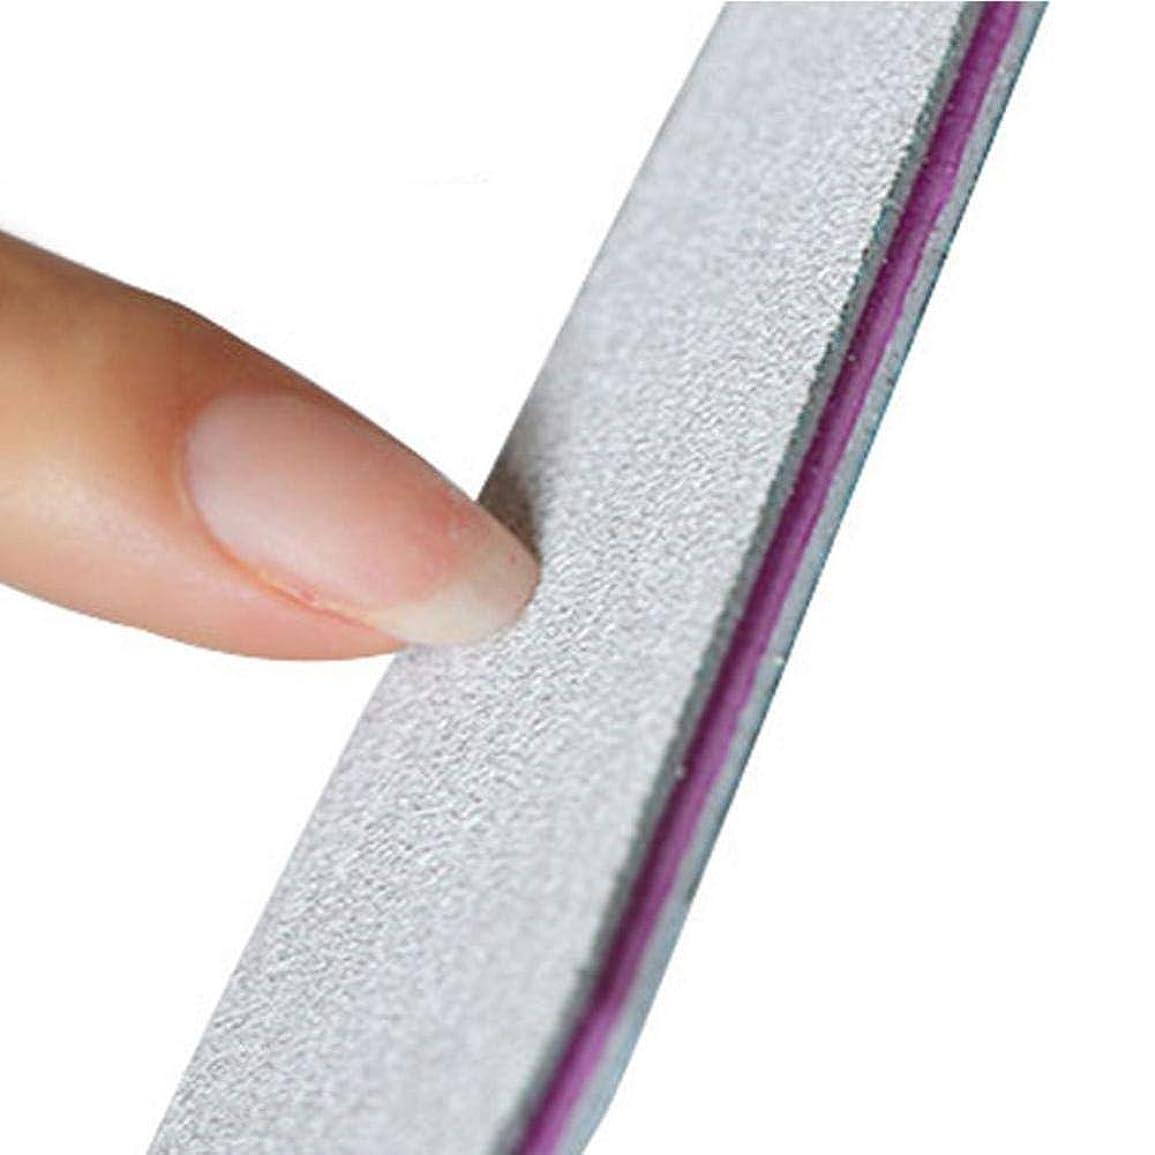 階層アジャ西SILUN 爪磨き ネイルシャイナー ネイルファイルウォッシャブル両面タイプ エメリーボード ネイルアート ネイル道具